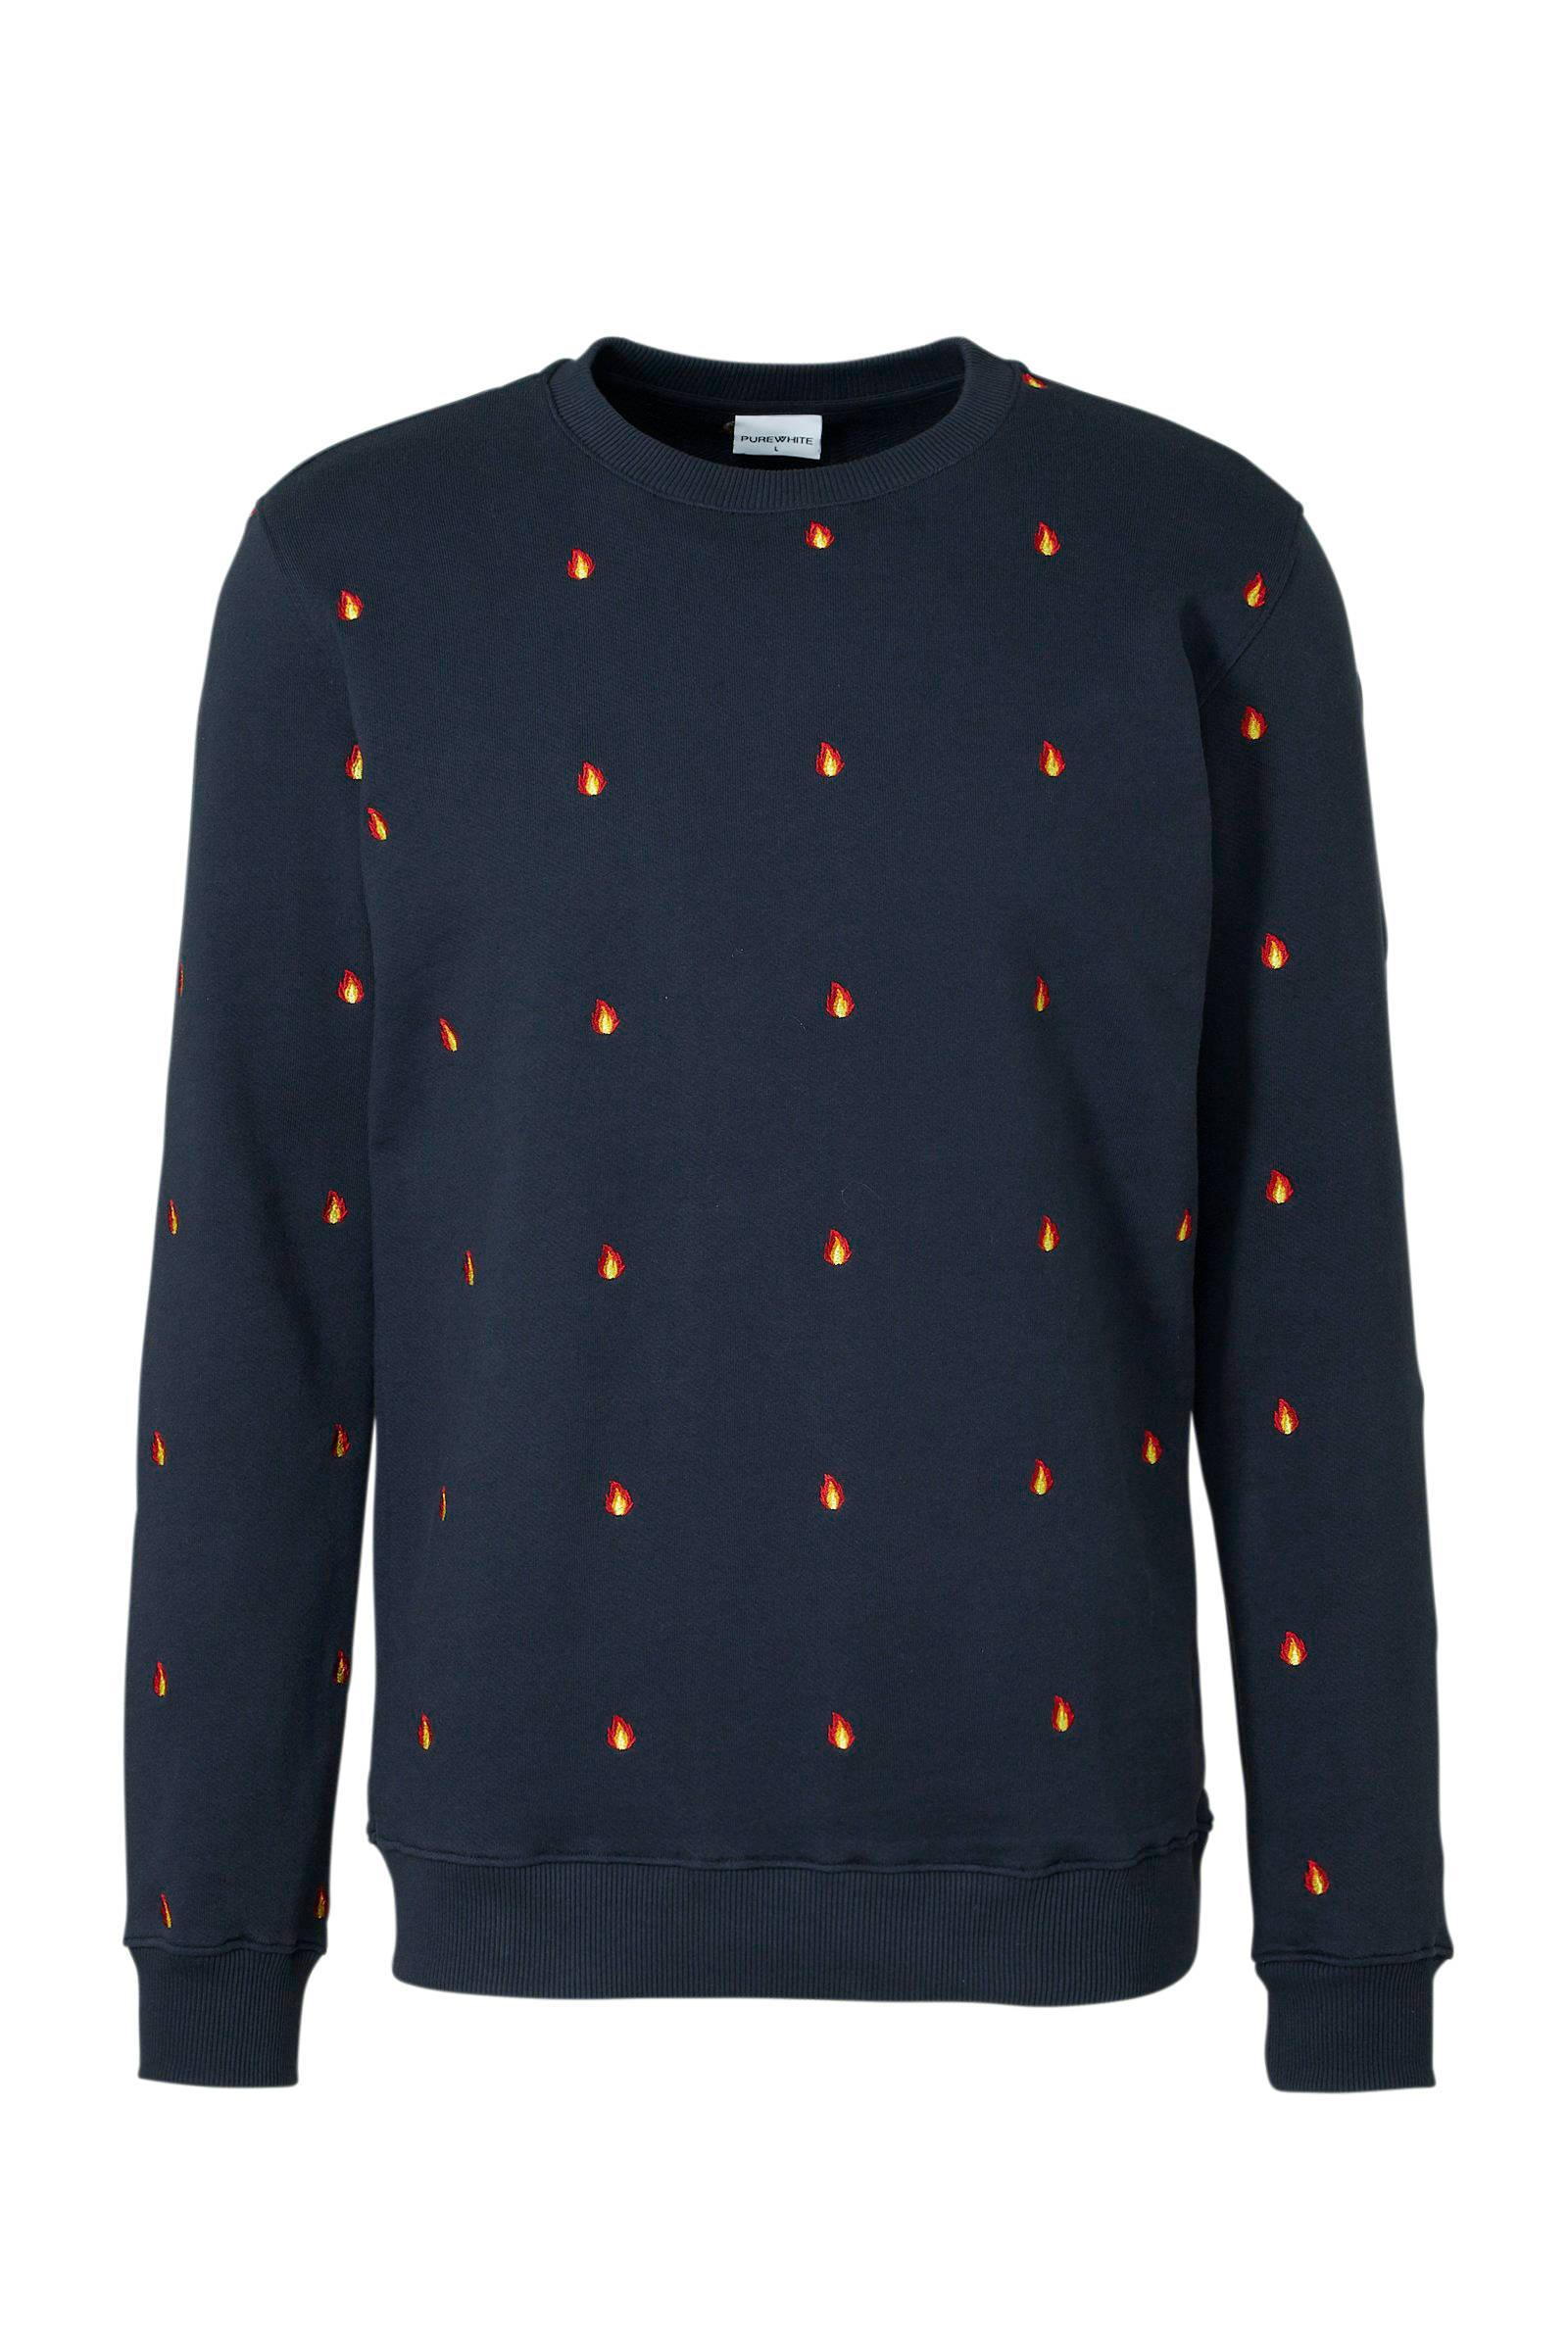 9c26ed28928 Sweaters bij wehkamp - Gratis bezorging vanaf 20.-